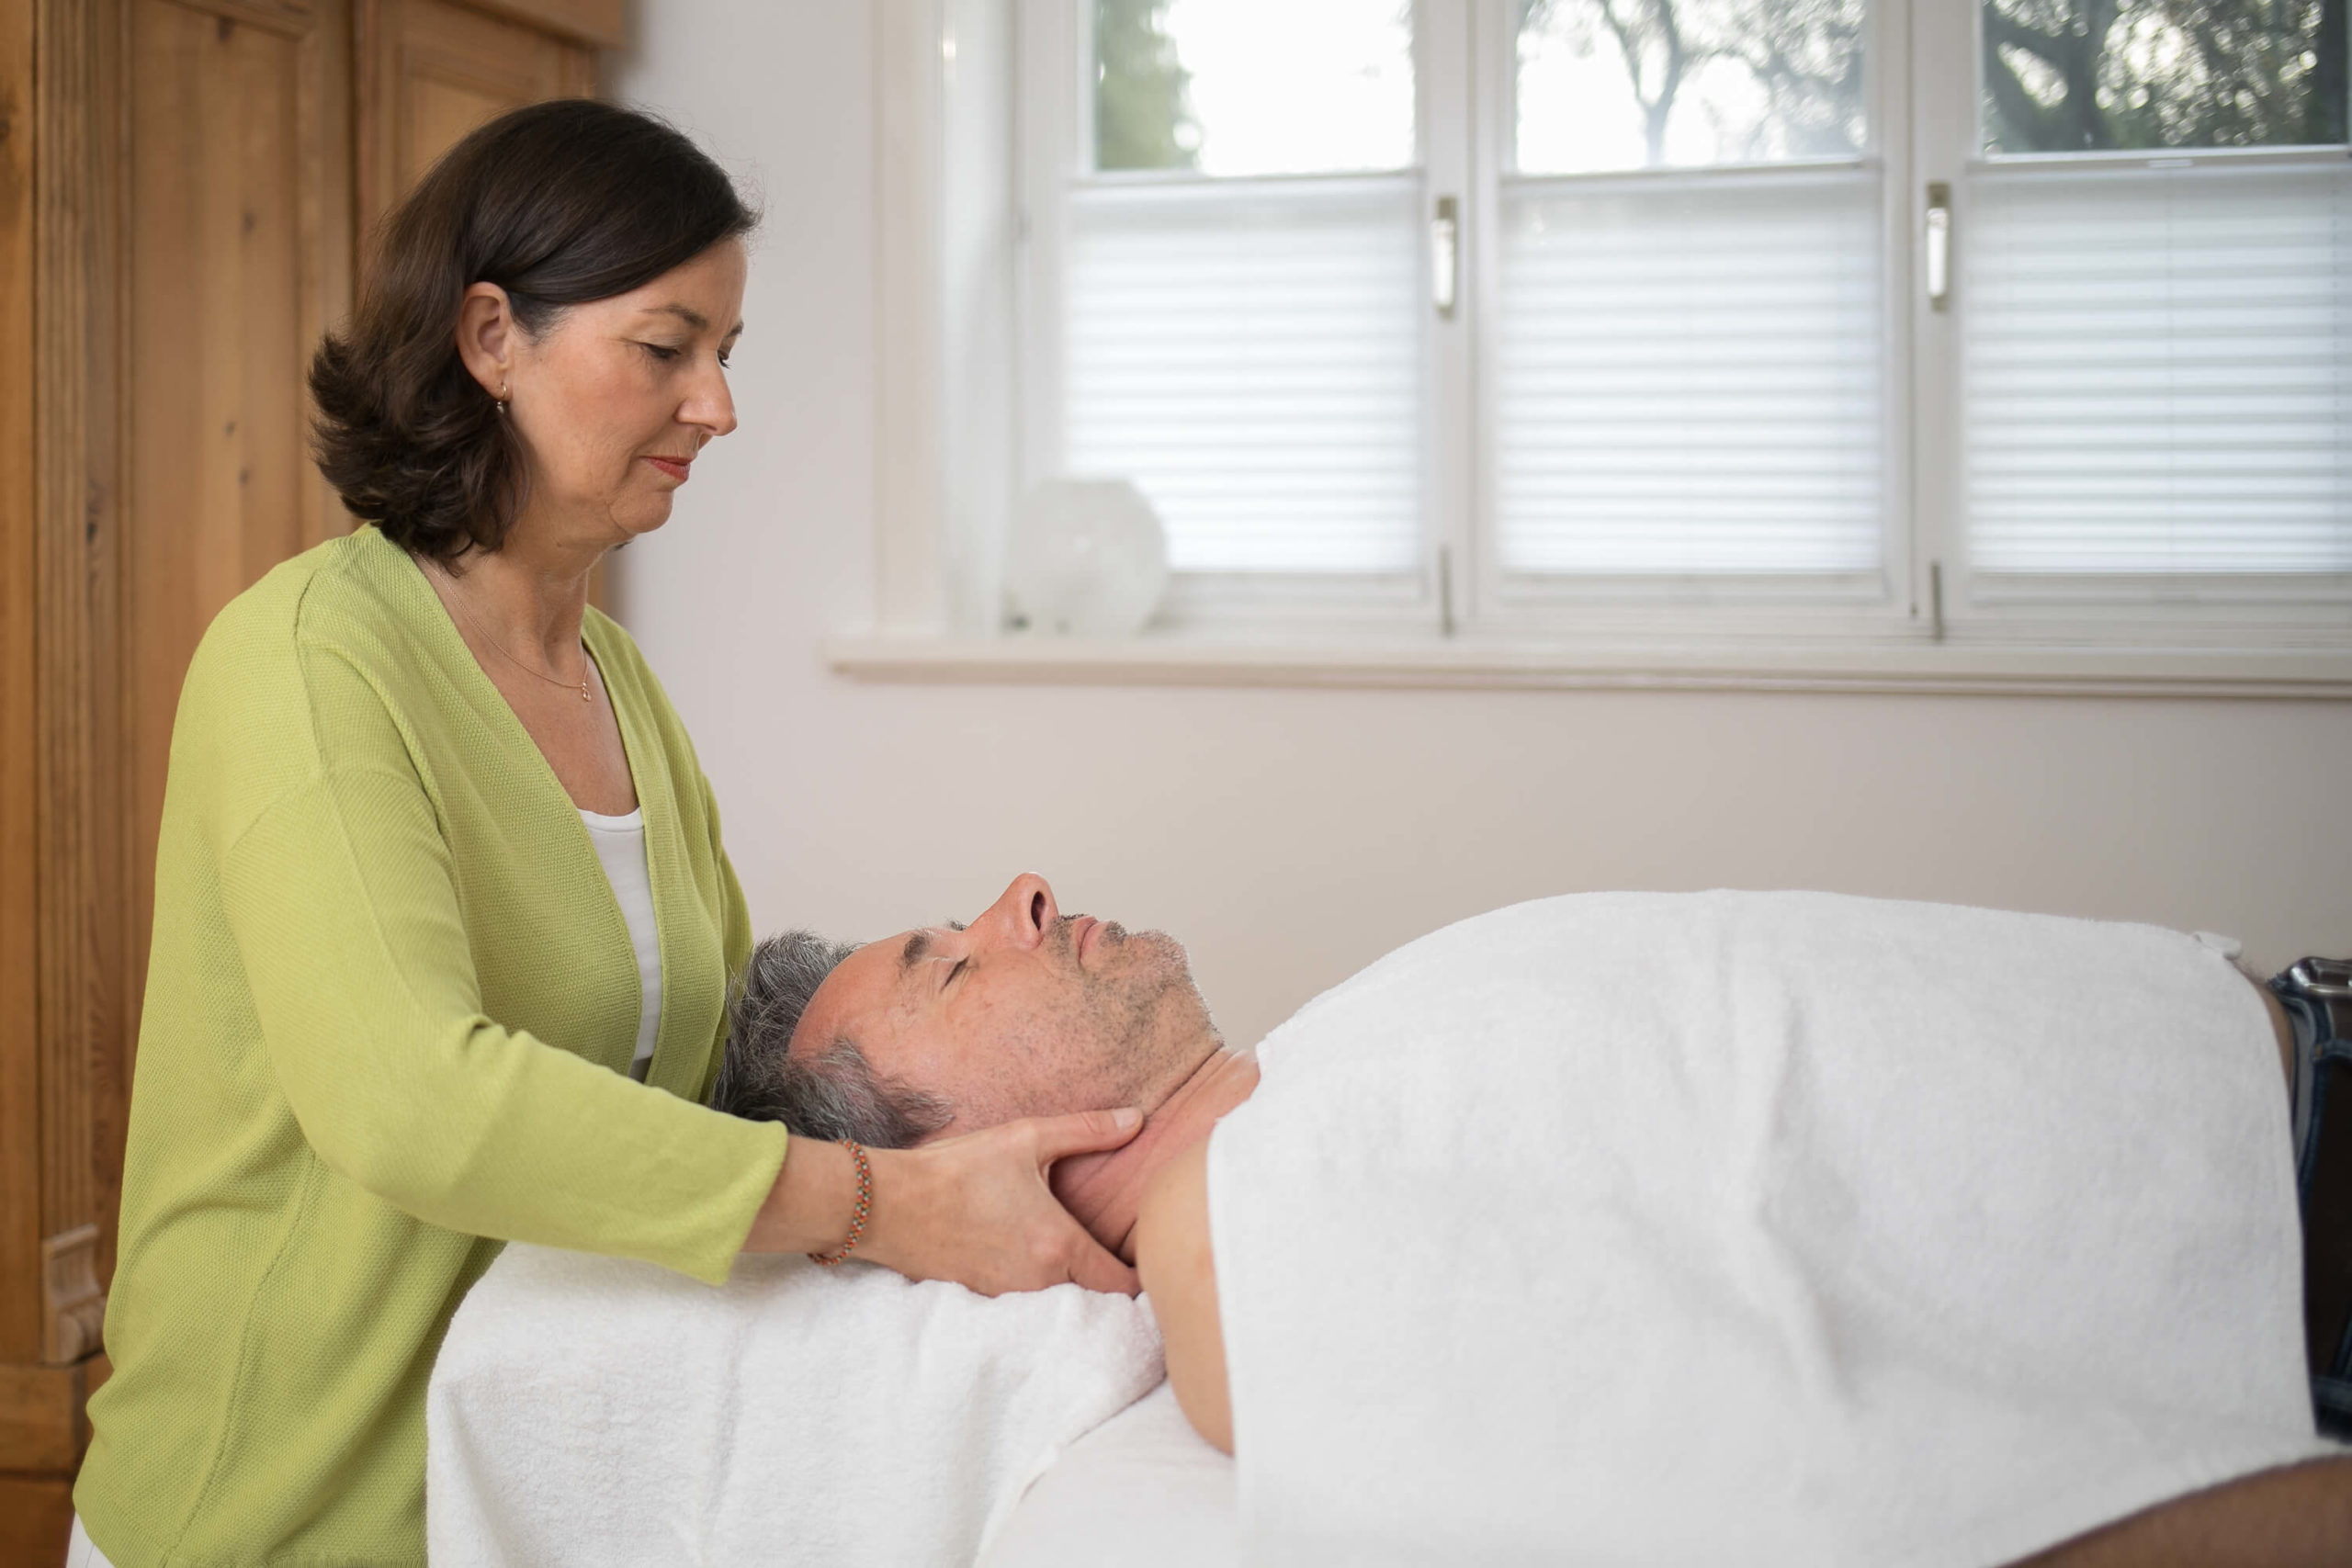 Nackenbehandlung Bowentherapie